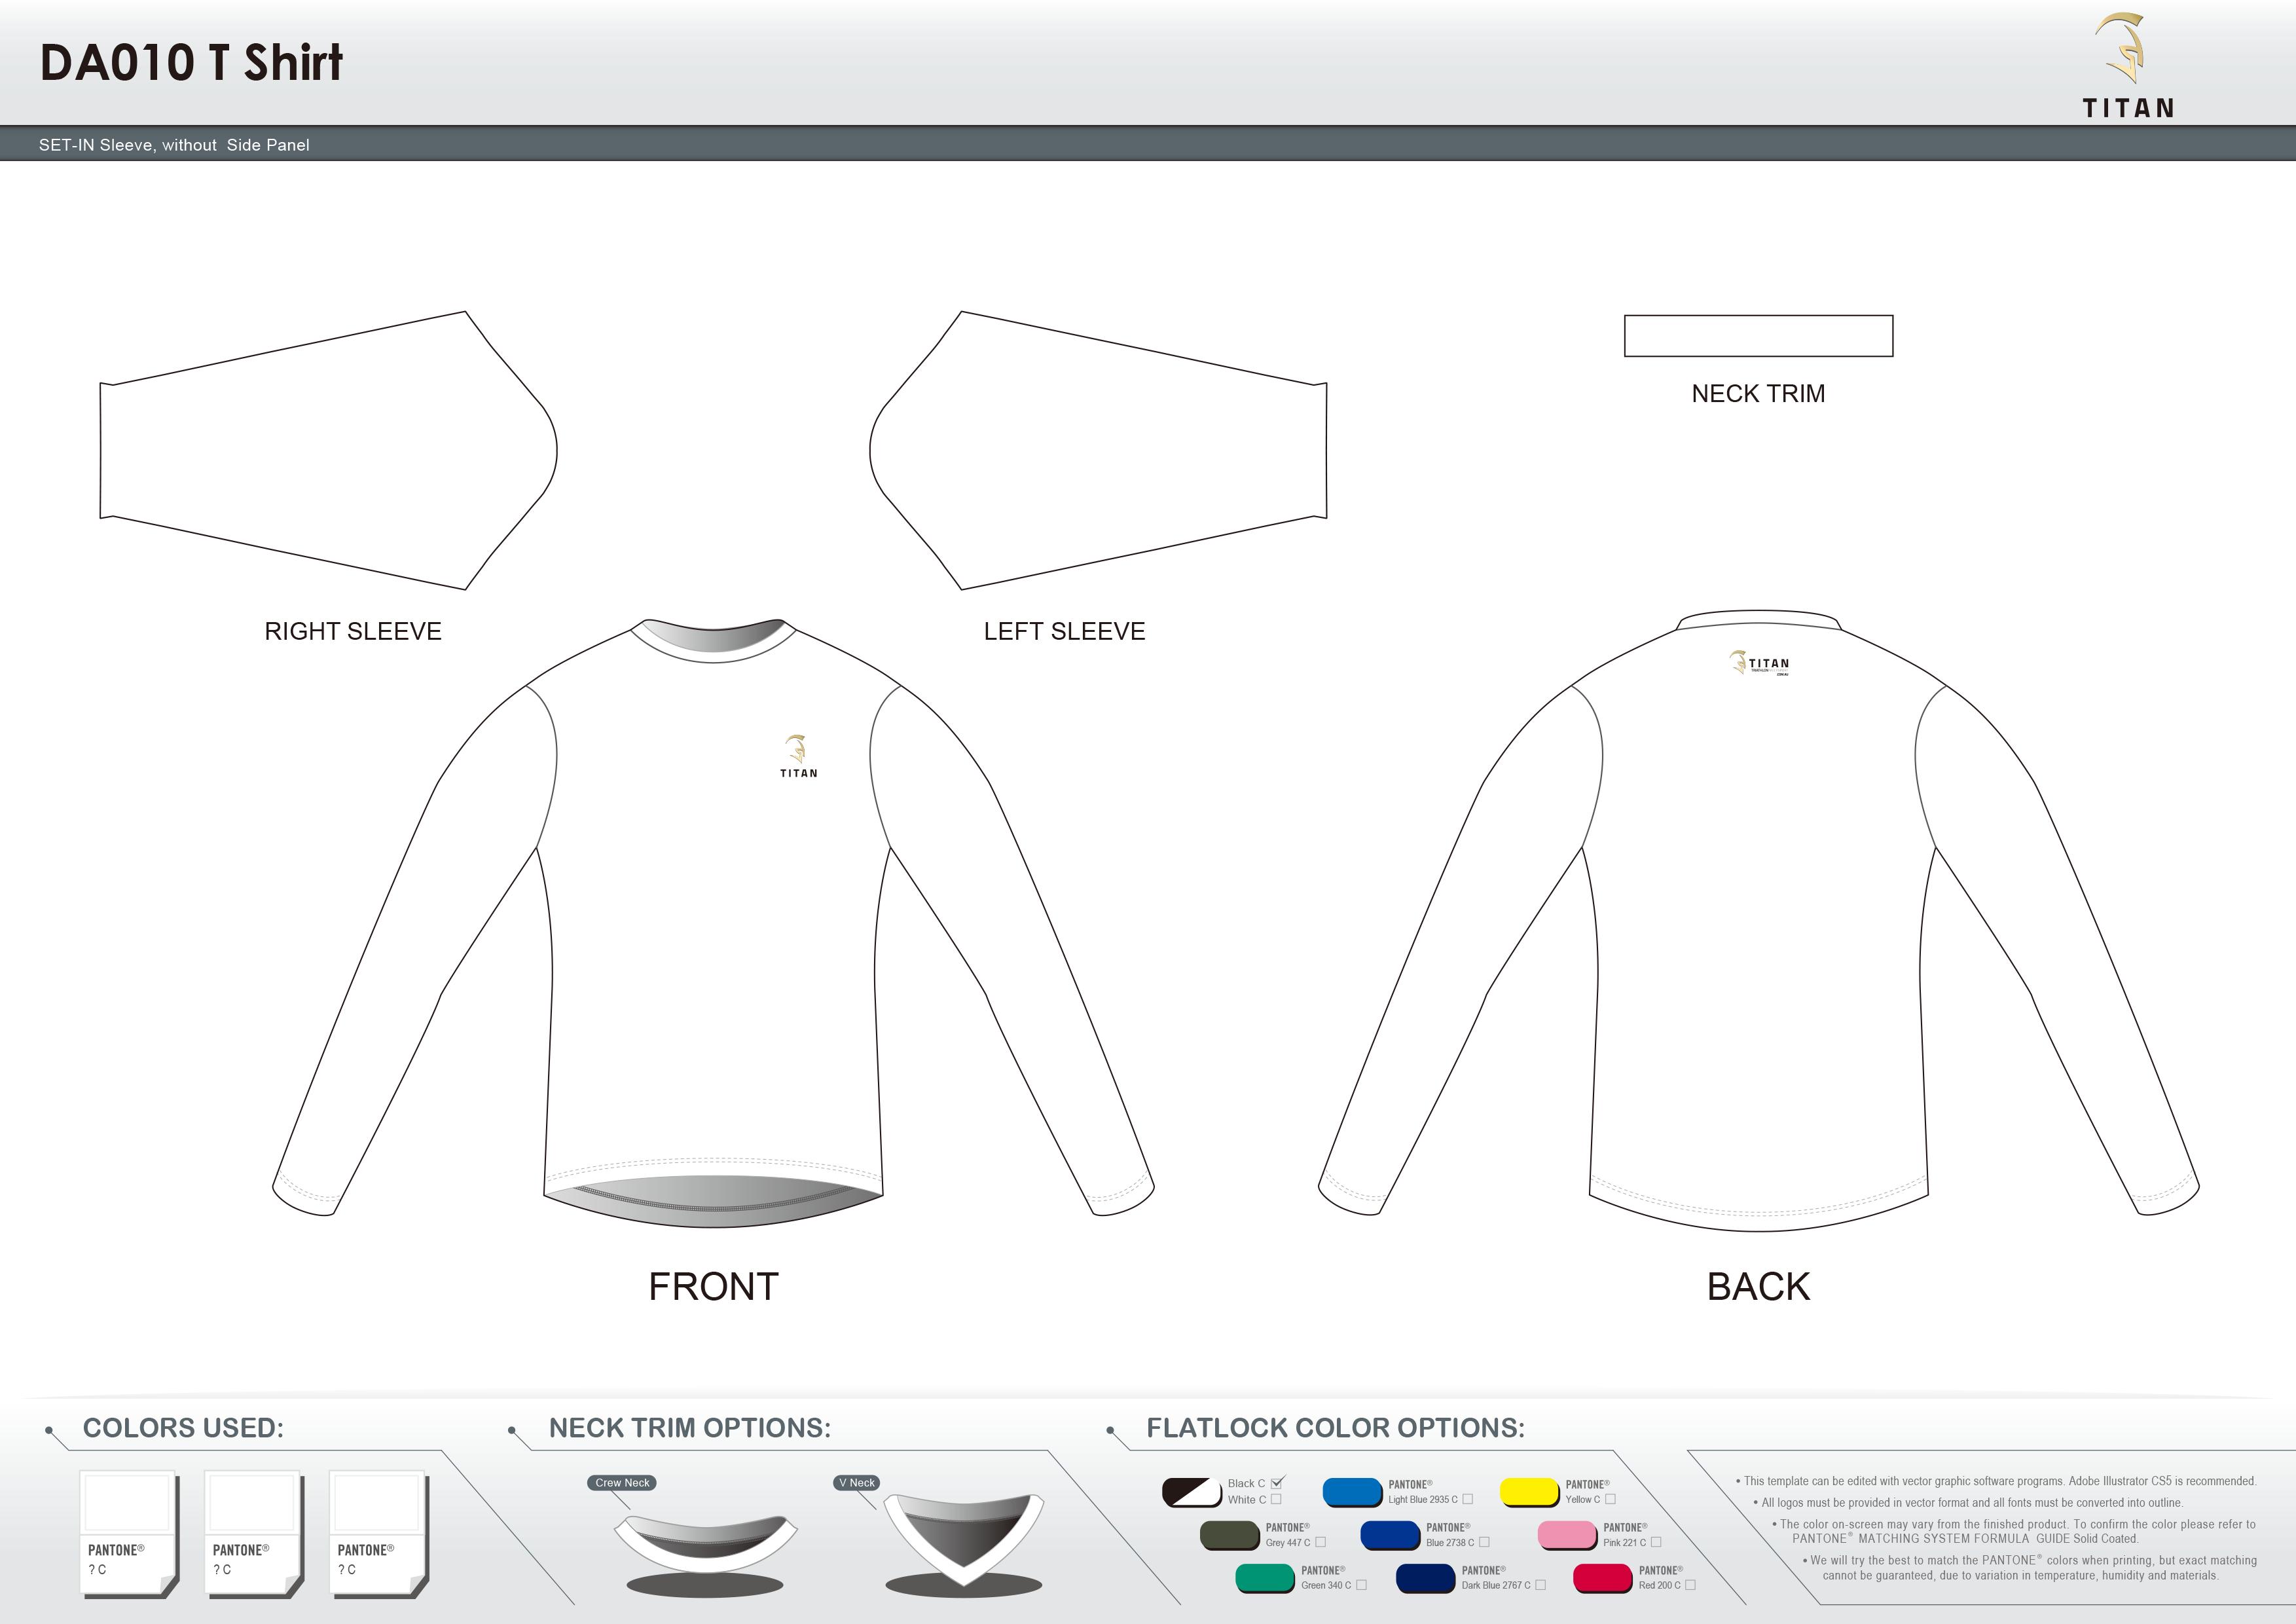 DA010 T Shirt